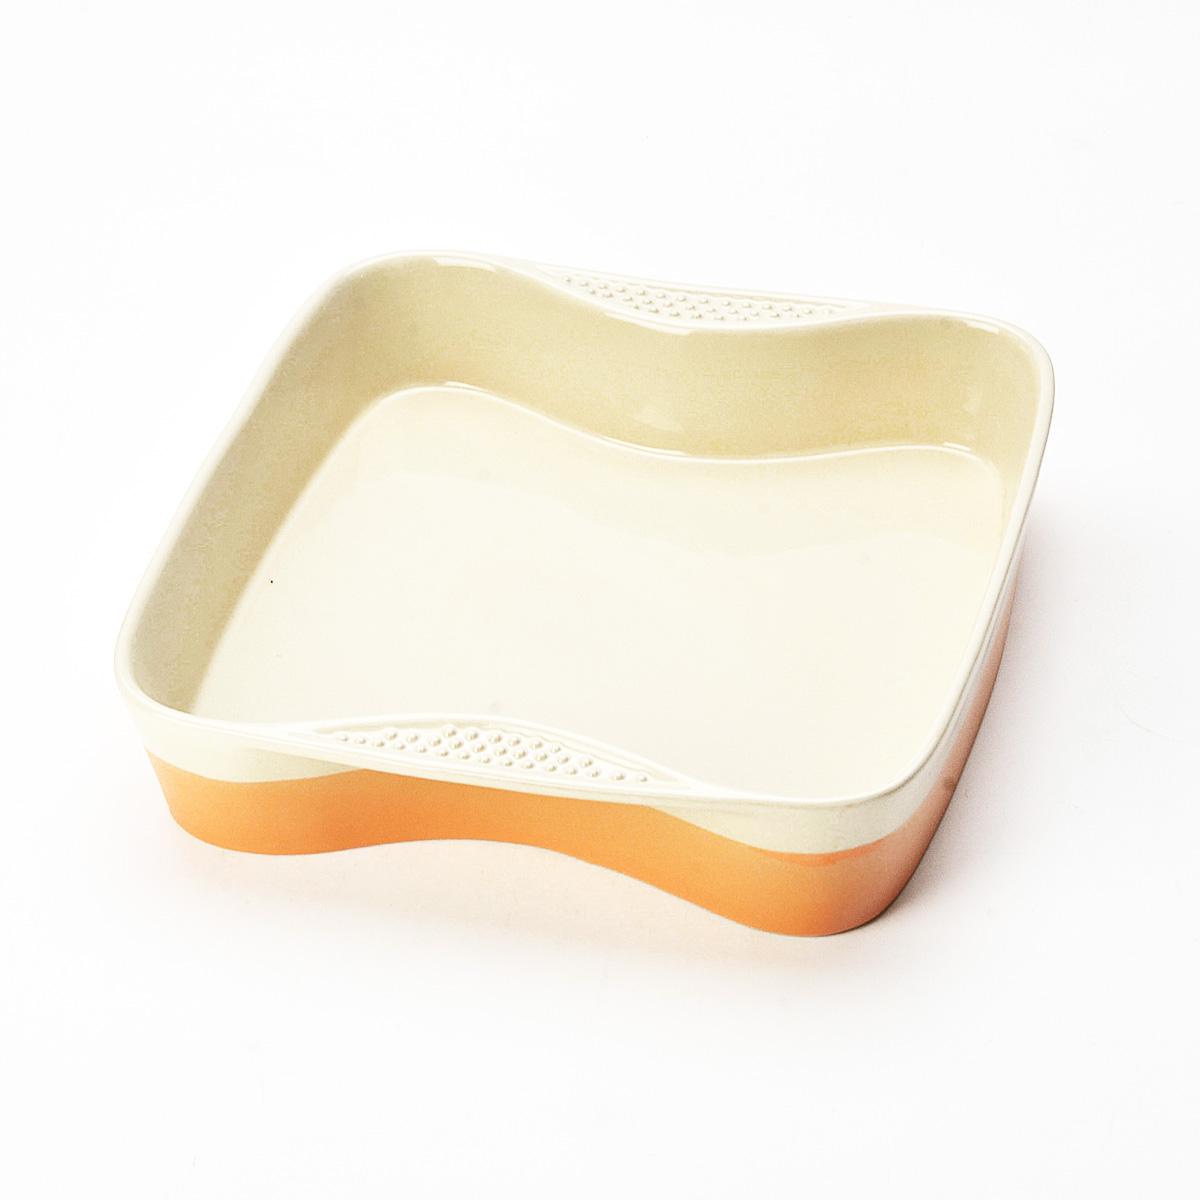 Противень Mayer & Boch, квадратный, цвет: оранжевый, бежевый, 27 см х 27 см21769Противень Mayer & Boch изготовлен из высококачественной керамики и подходит для любого вида пищи. Элегантный дизайн идеально подходит для современного дома. Пища, приготовленная в керамической посуде, сохраняет свои вкусовые качества, и благодаря экологической чистоте материала, не может нанести вред здоровью человека. Керамика - один из самых лучших материалов, который удерживает тепло, медленно и равномерно его распределяет. Максимальный нагрев - 400°С. С таким противнем вы всегда сможете порадовать своих близких оригинальным блюдом.Противень можно использовать в микроволновой печи и духовом шкафу, замораживать в холодильнике. Можно мыть в посудомоечной машине.Размер противня (ДхШхВ): 27 см х 27 см х 5 см.Толщина стенок: 6-7 мм.